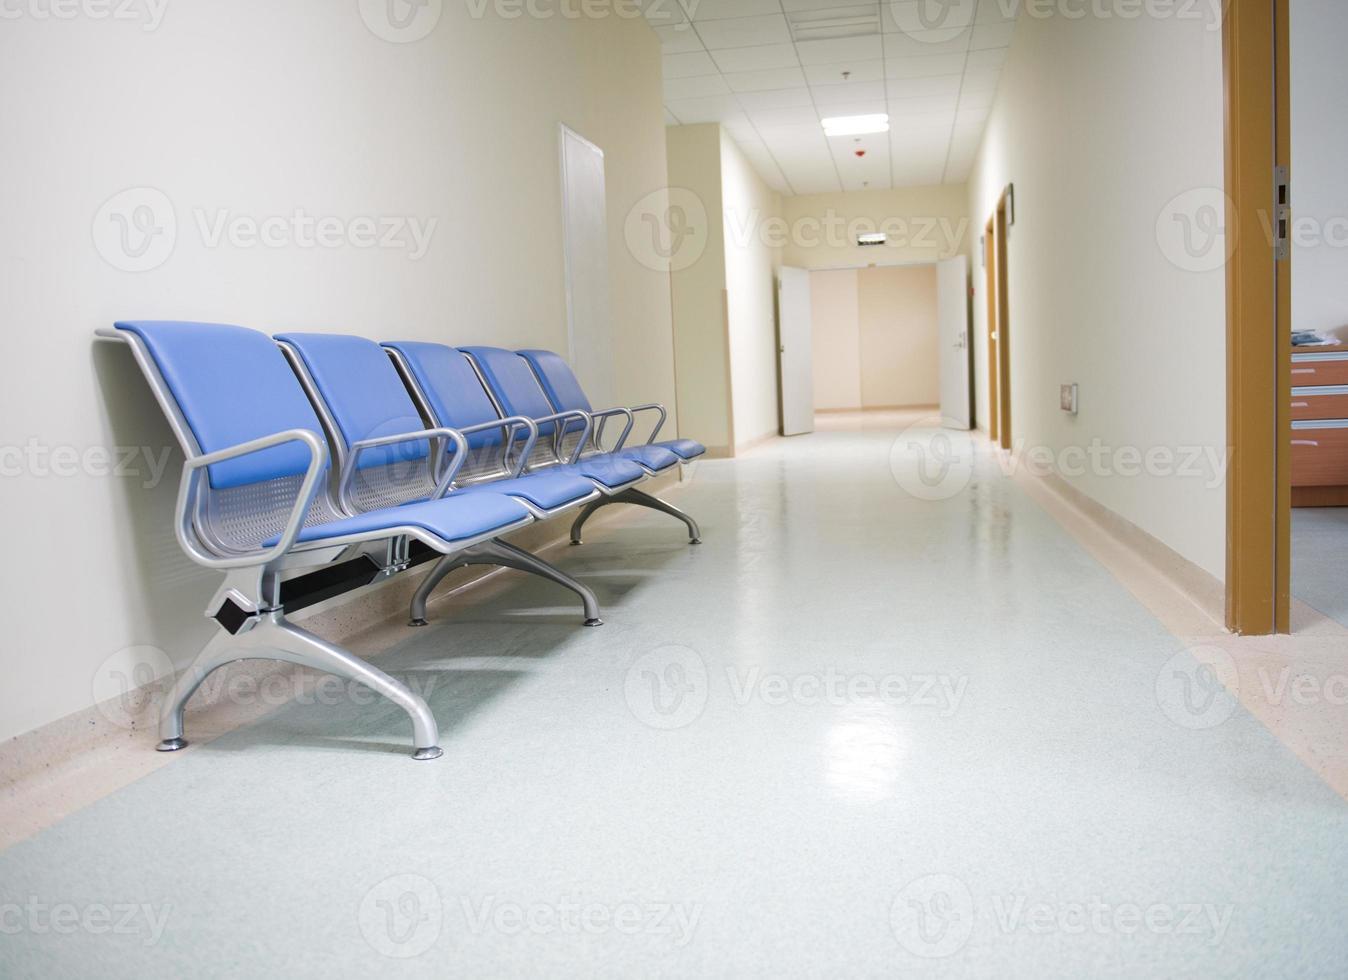 intérieur d'un couloir d'hôpital vide photo